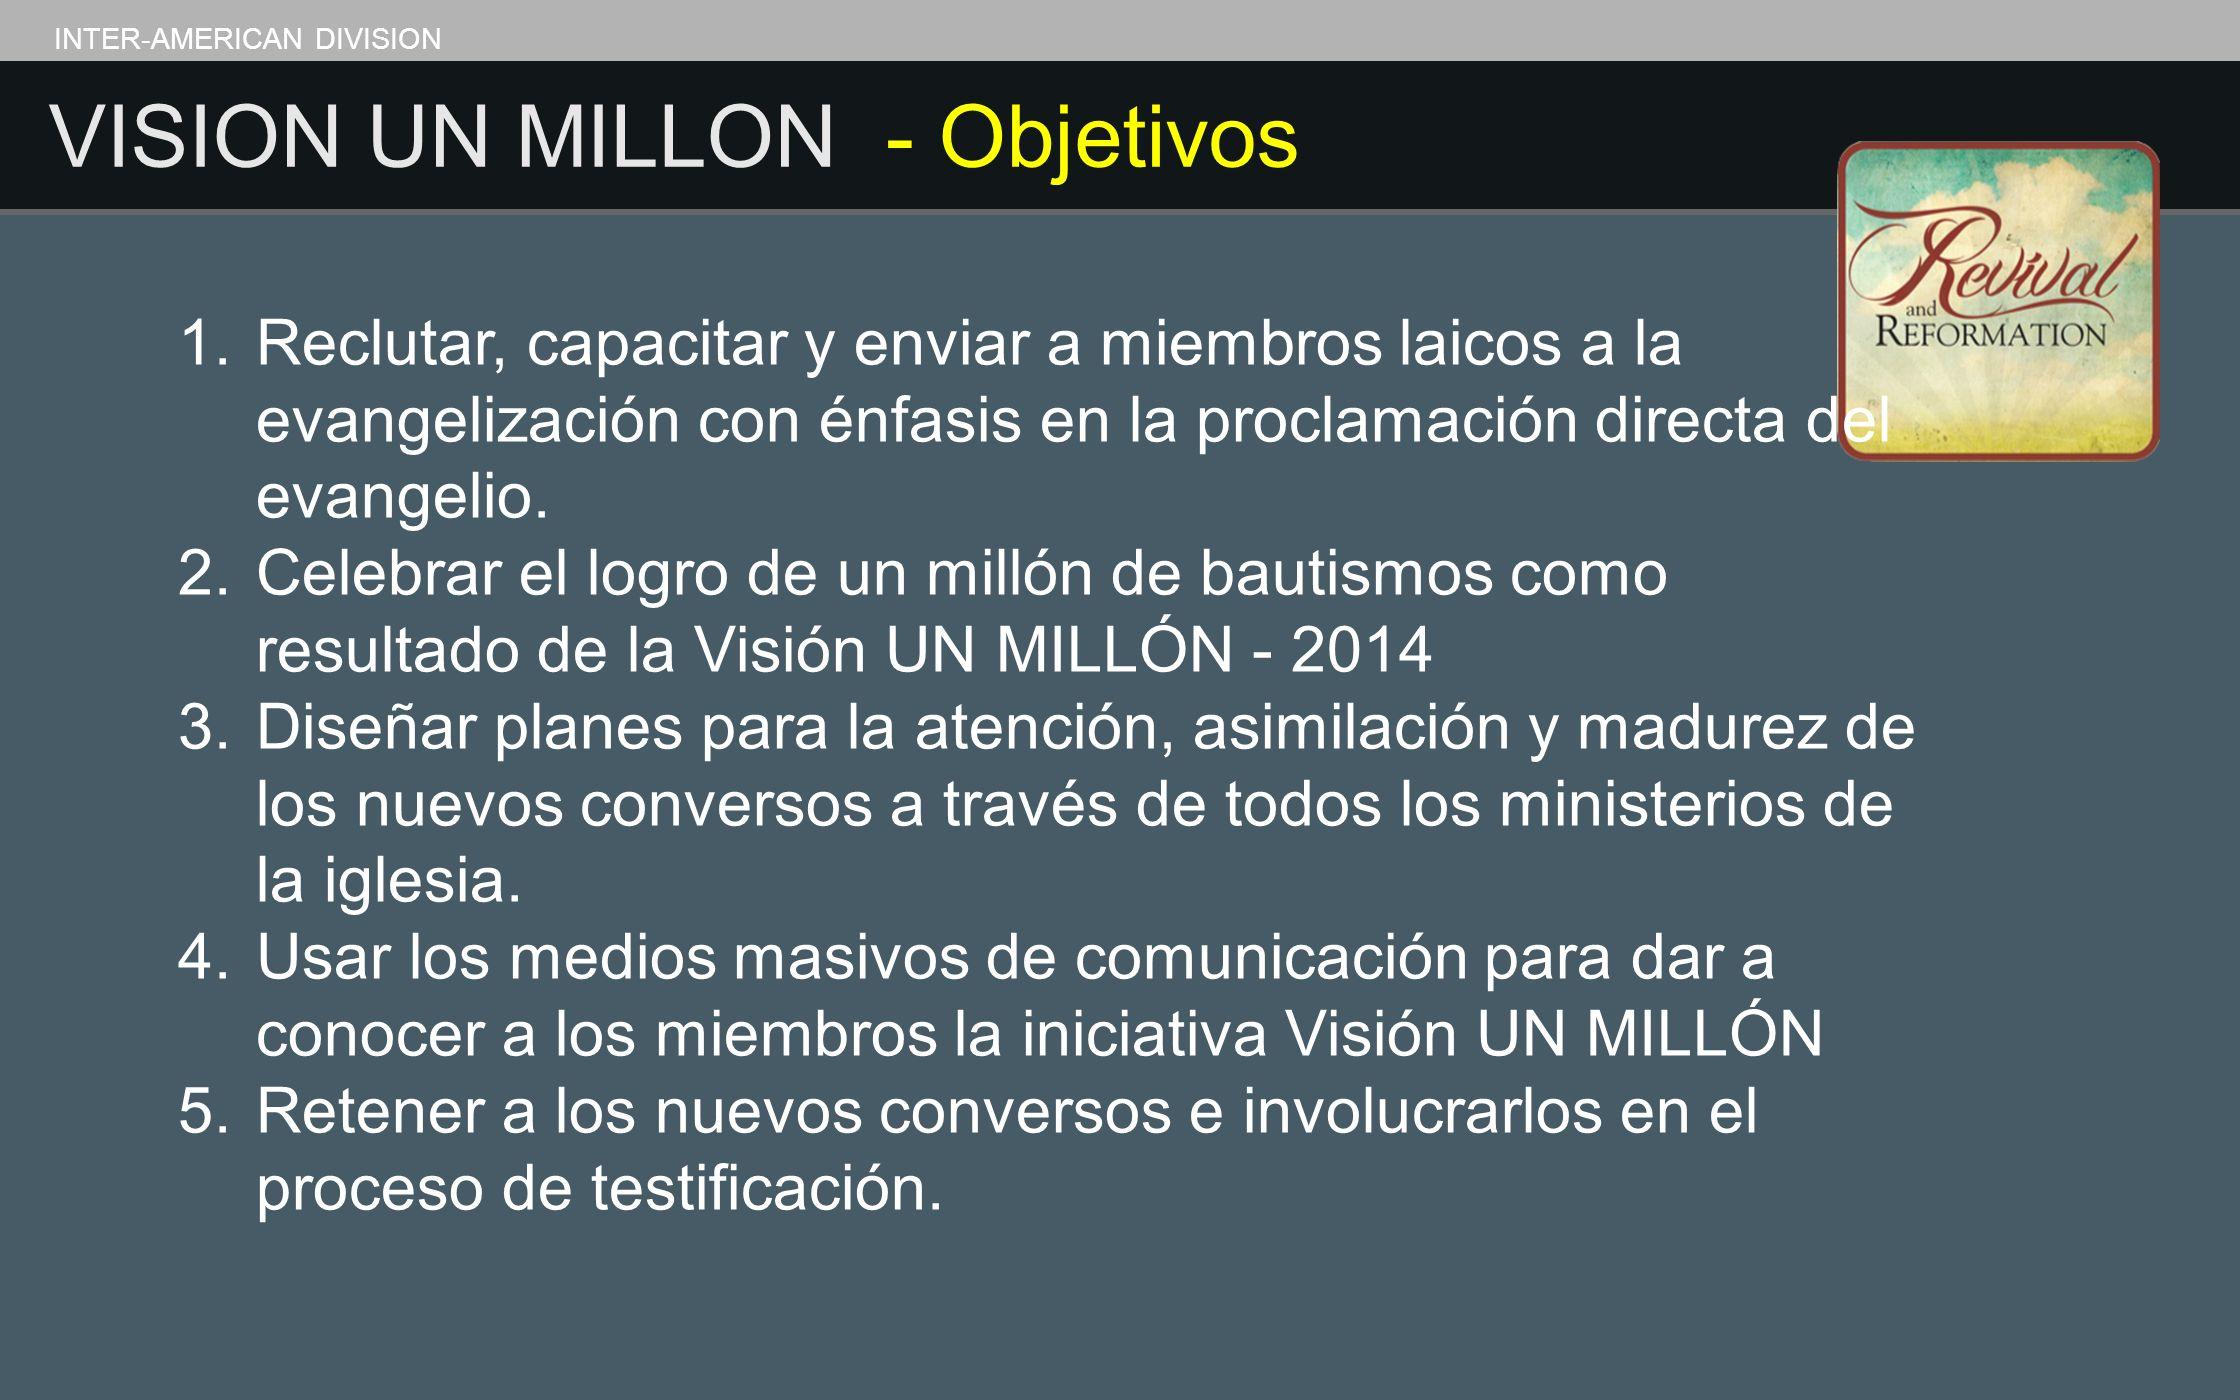 VISION UN MILLON - Objetivos